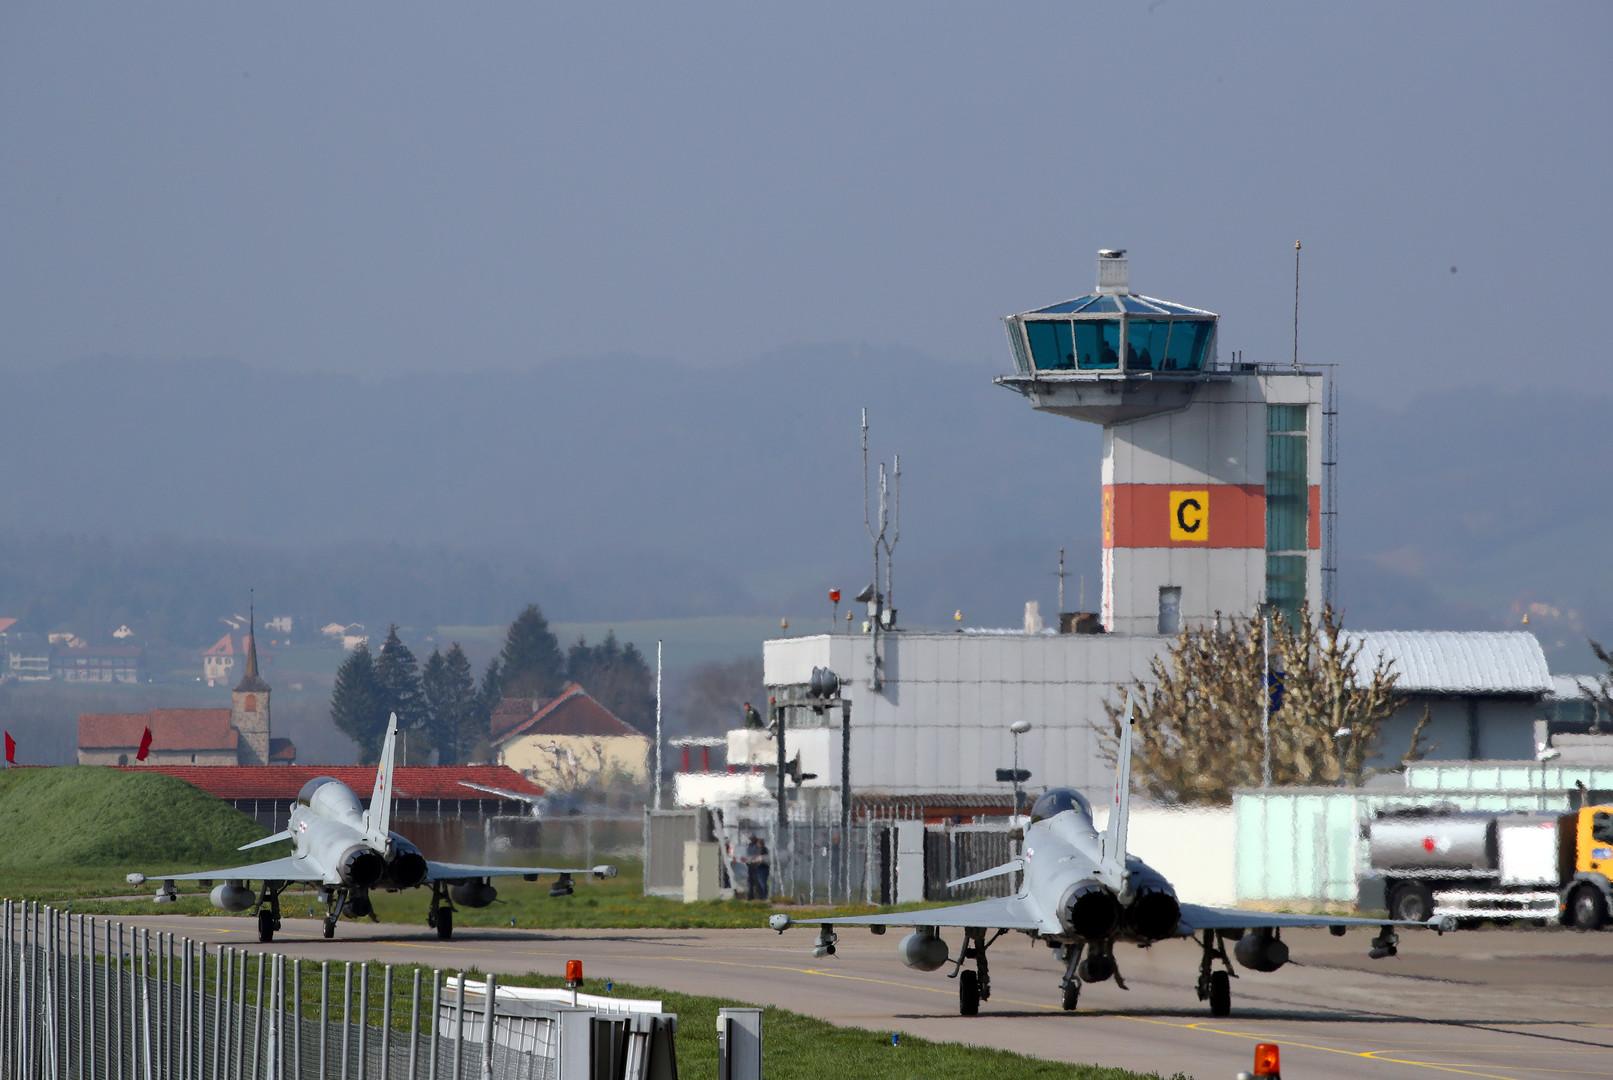 مصرع طيار ونجاة آخر بتحطم مقاتلتين في ألمانيا